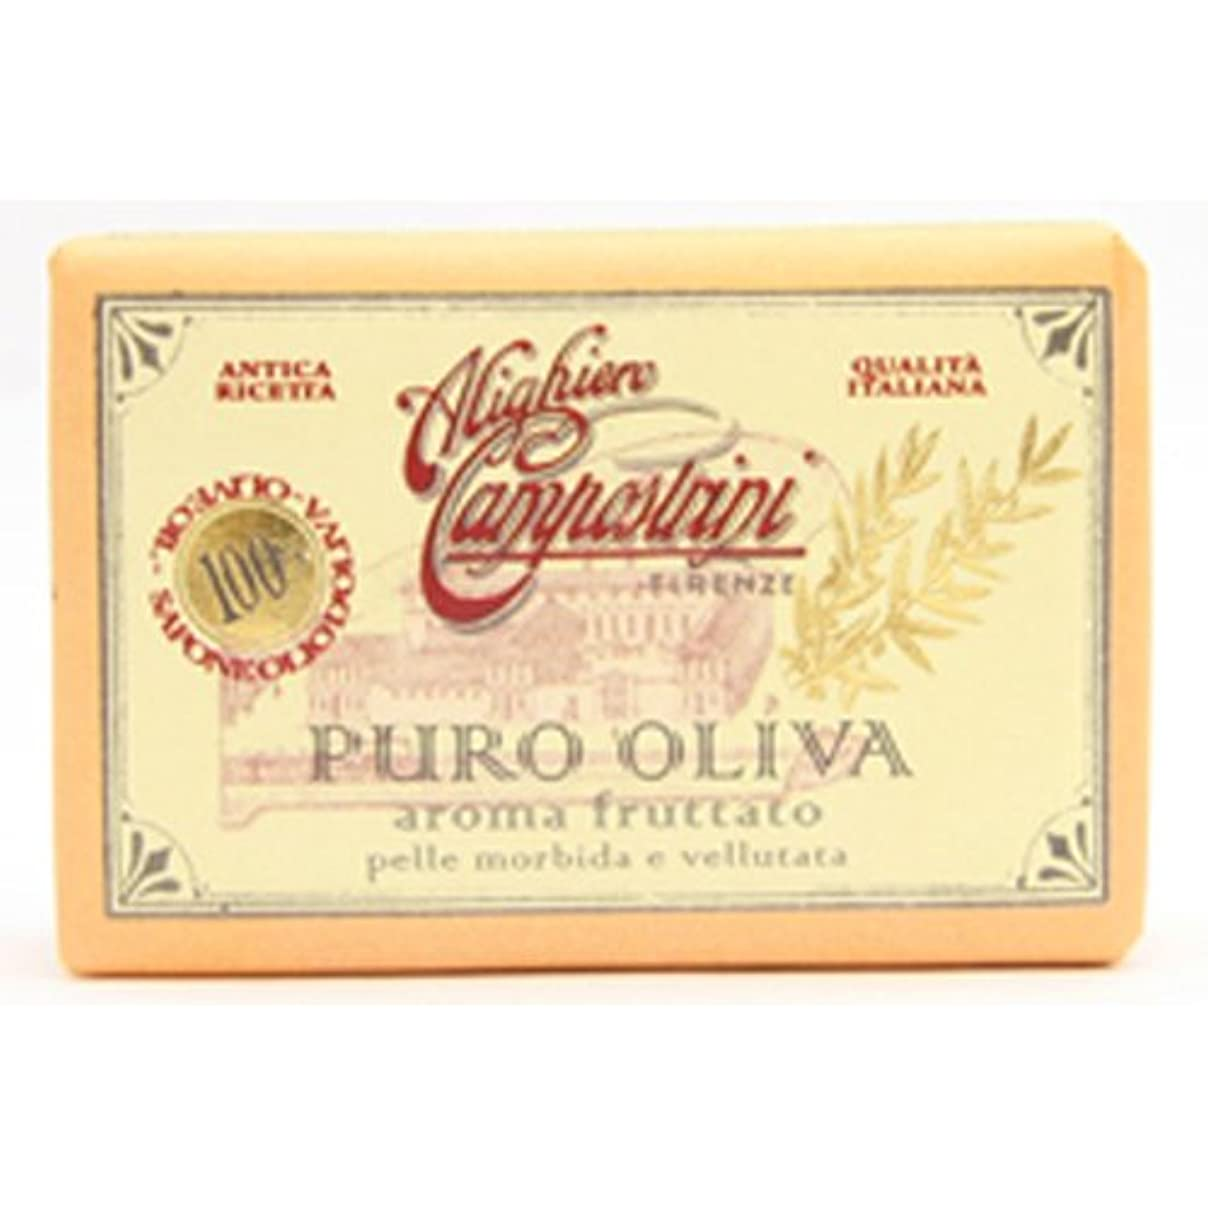 悪性形成粘着性Saponerire Fissi サポネリーフィッシー PURO OLIVA Soap オリーブオイル ピュロ ソープ Aroma fruttato フルーツ(オレンジ)